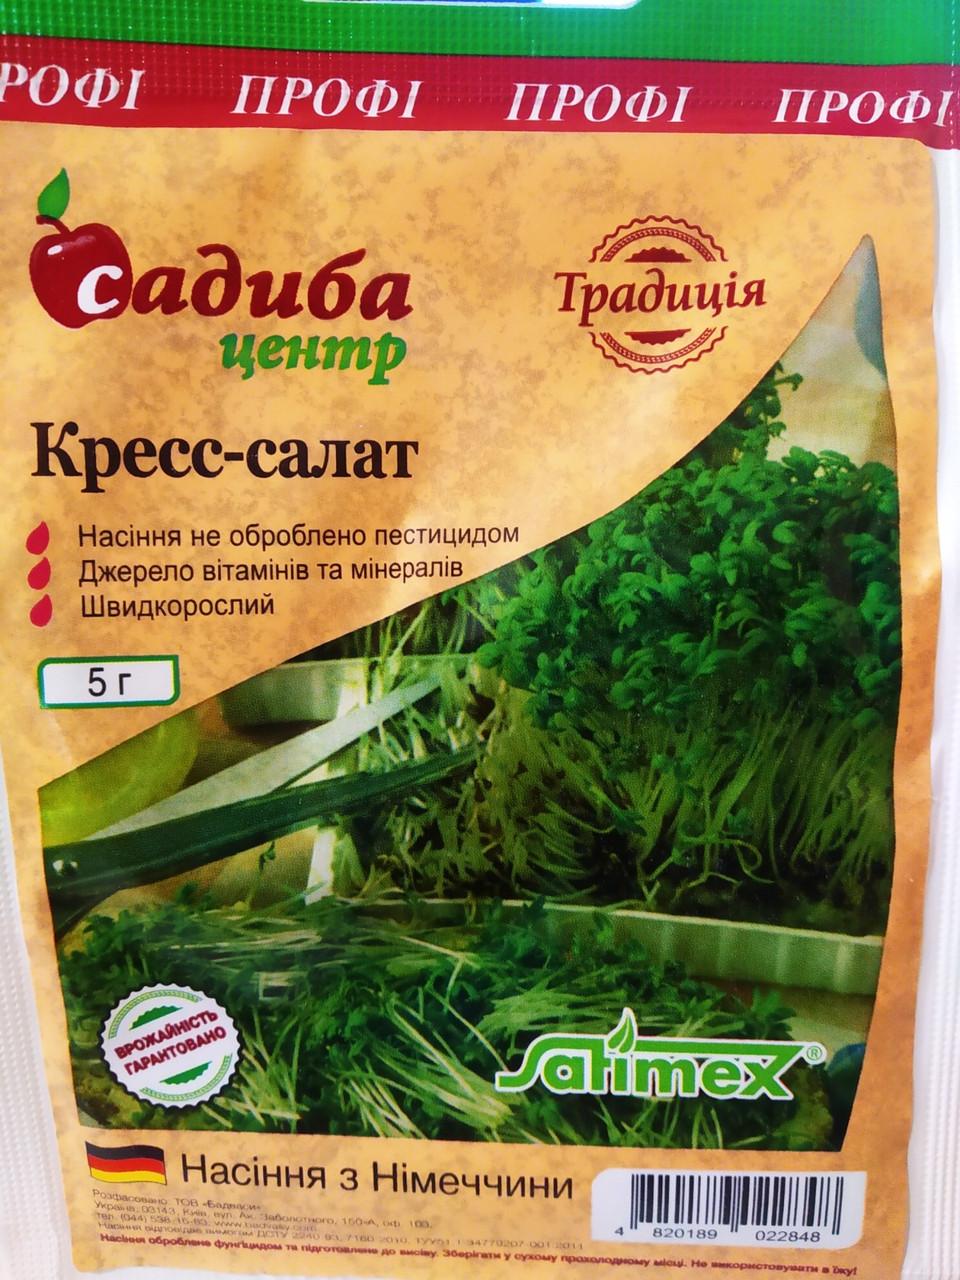 """Крес-салат скоростиглий насіння 5 грам, """"Satimex"""", Німеччина"""